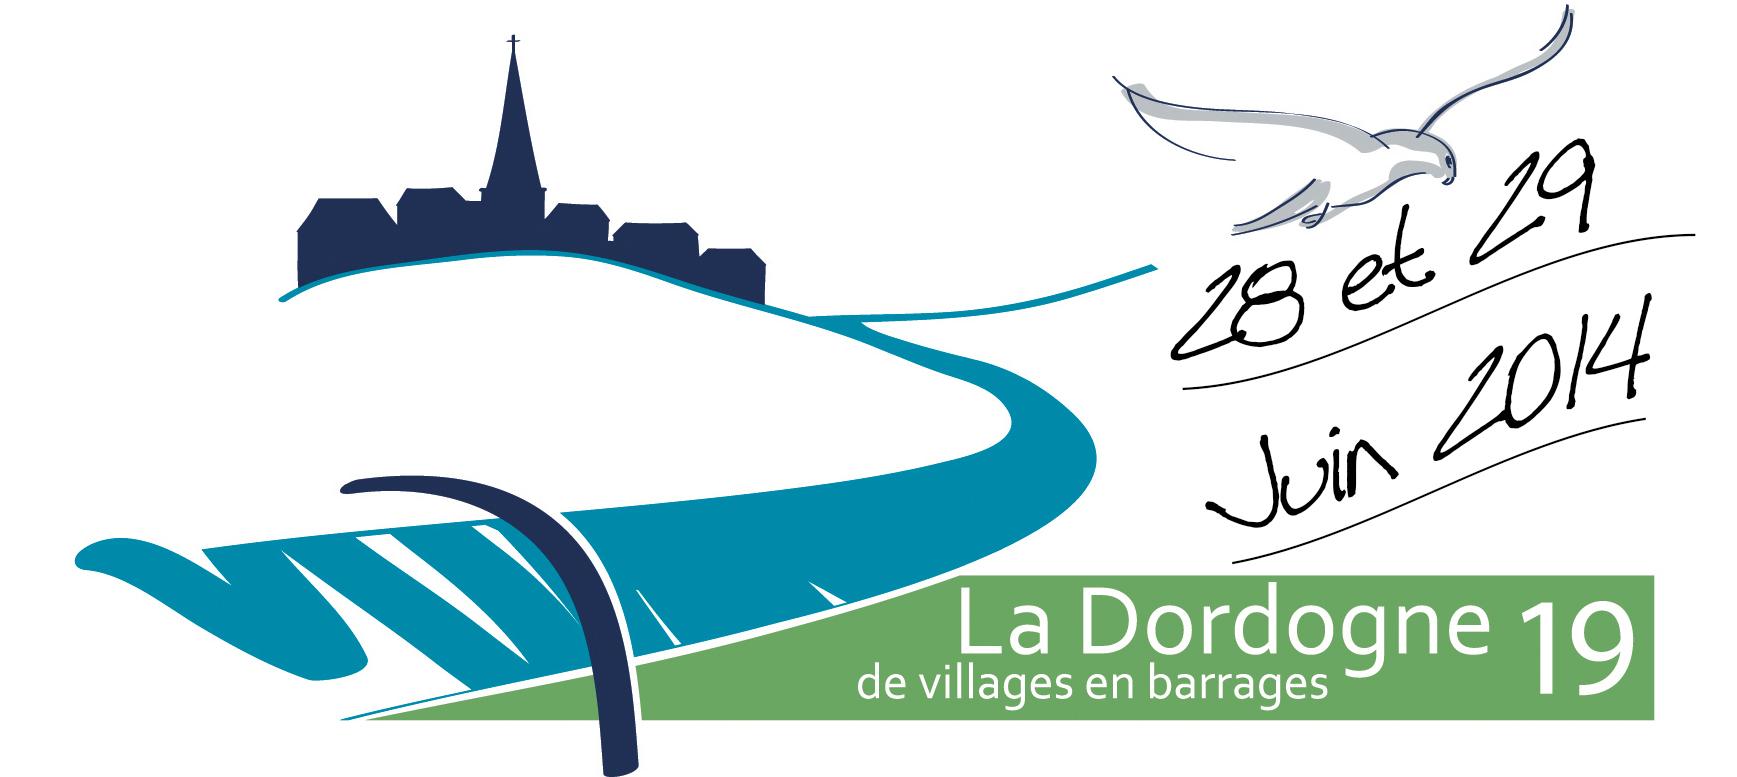 La dordogne de villages en barrages 28 et 29 juin 2014